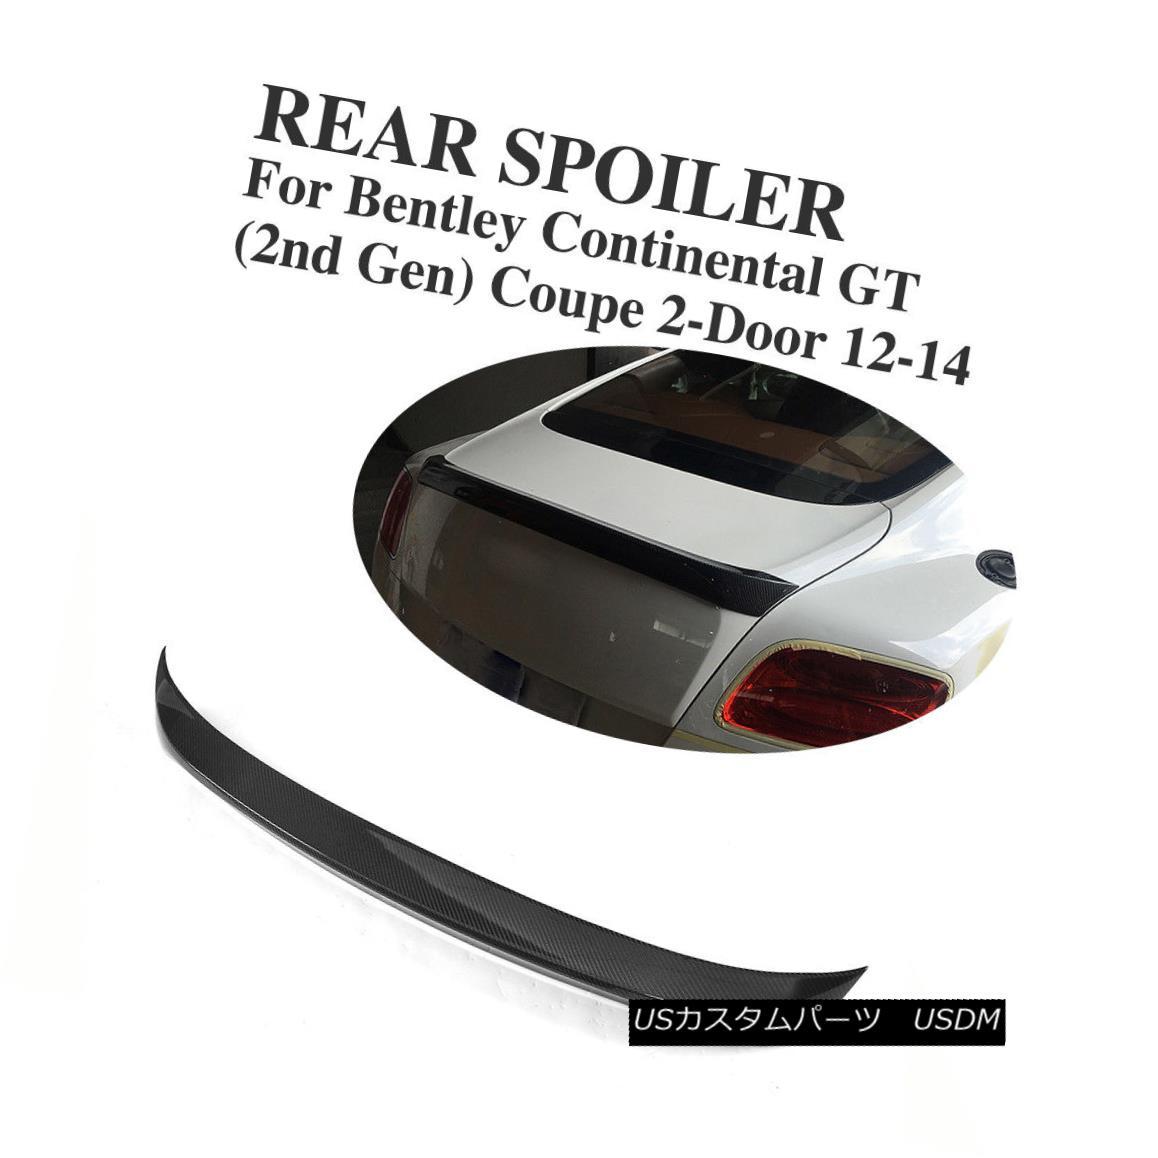 エアロパーツ Bentley D Style Carbon Style Fiber Rear Spoiler Fit For エアロパーツ Bentley Continental GT (2nd Gen) Coupe Dスタイルカーボンファイバーリヤ・スポイラーがBentley Continental GT(2nd Gen)クーペに適合, ストライダージャパン:17c68a1e --- officewill.xsrv.jp